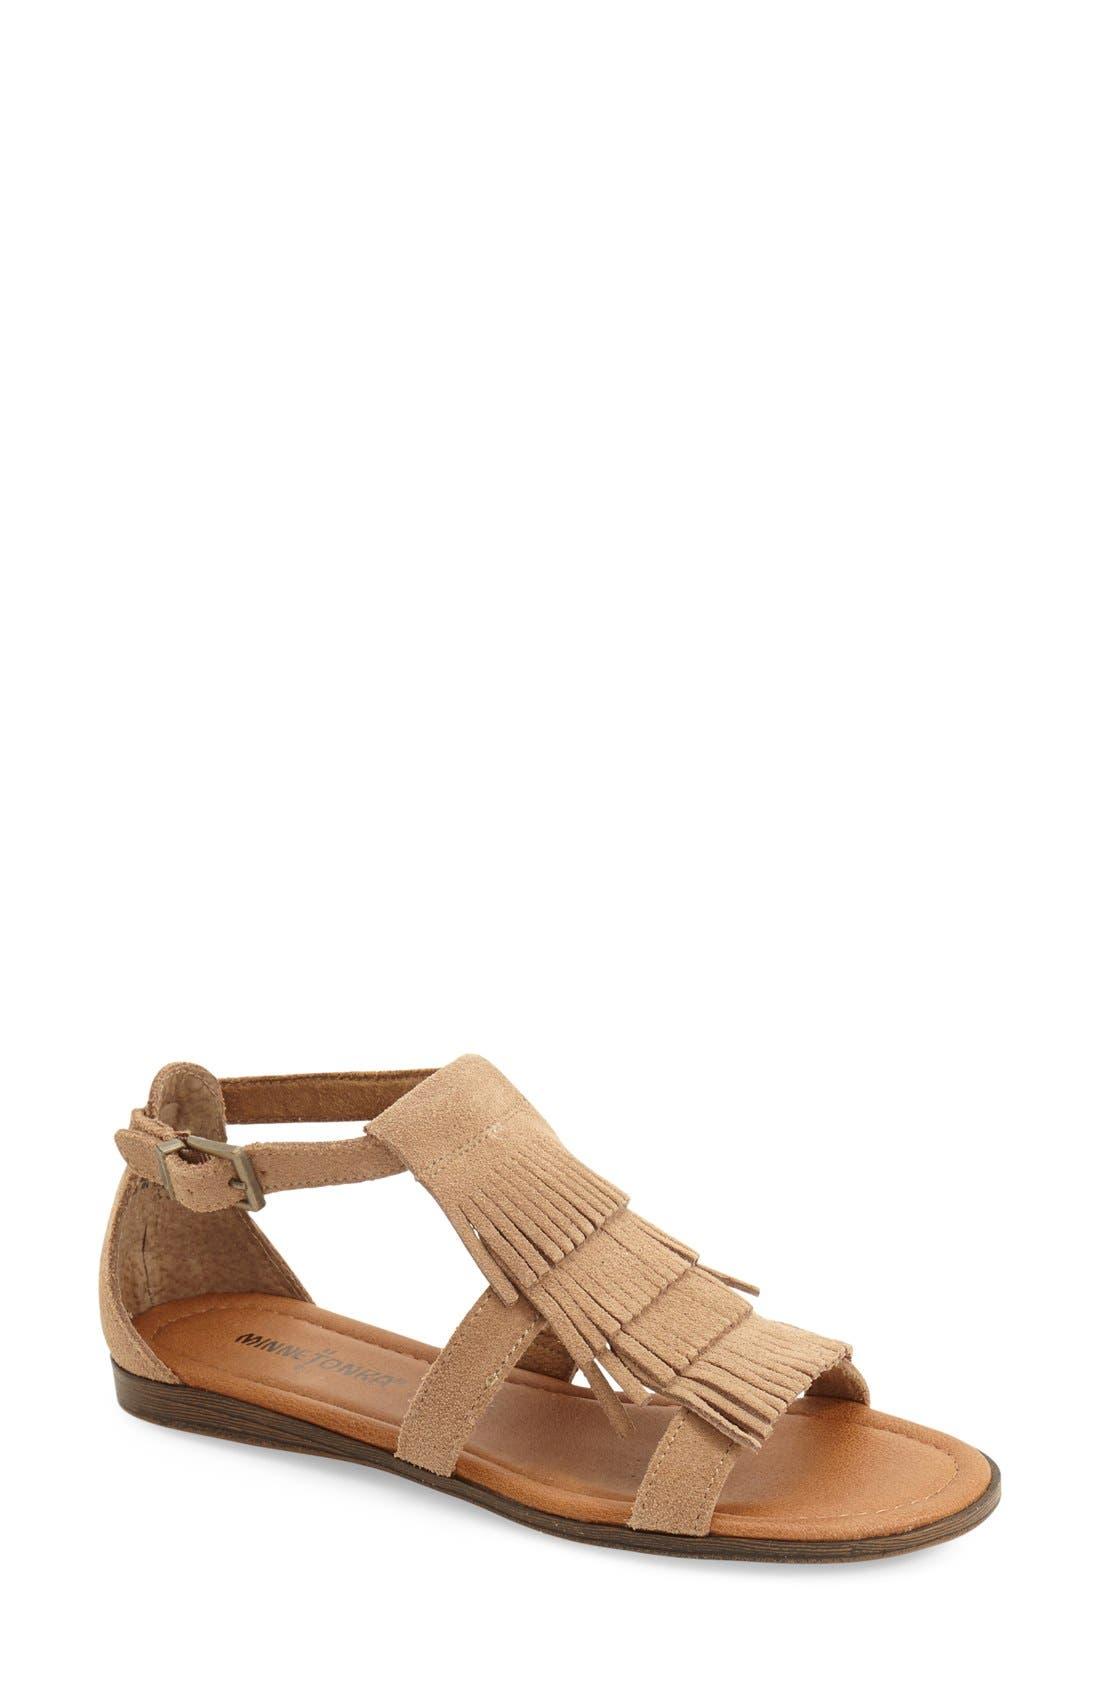 Alternate Image 1 Selected - Minnetonka 'Maui' Sandal